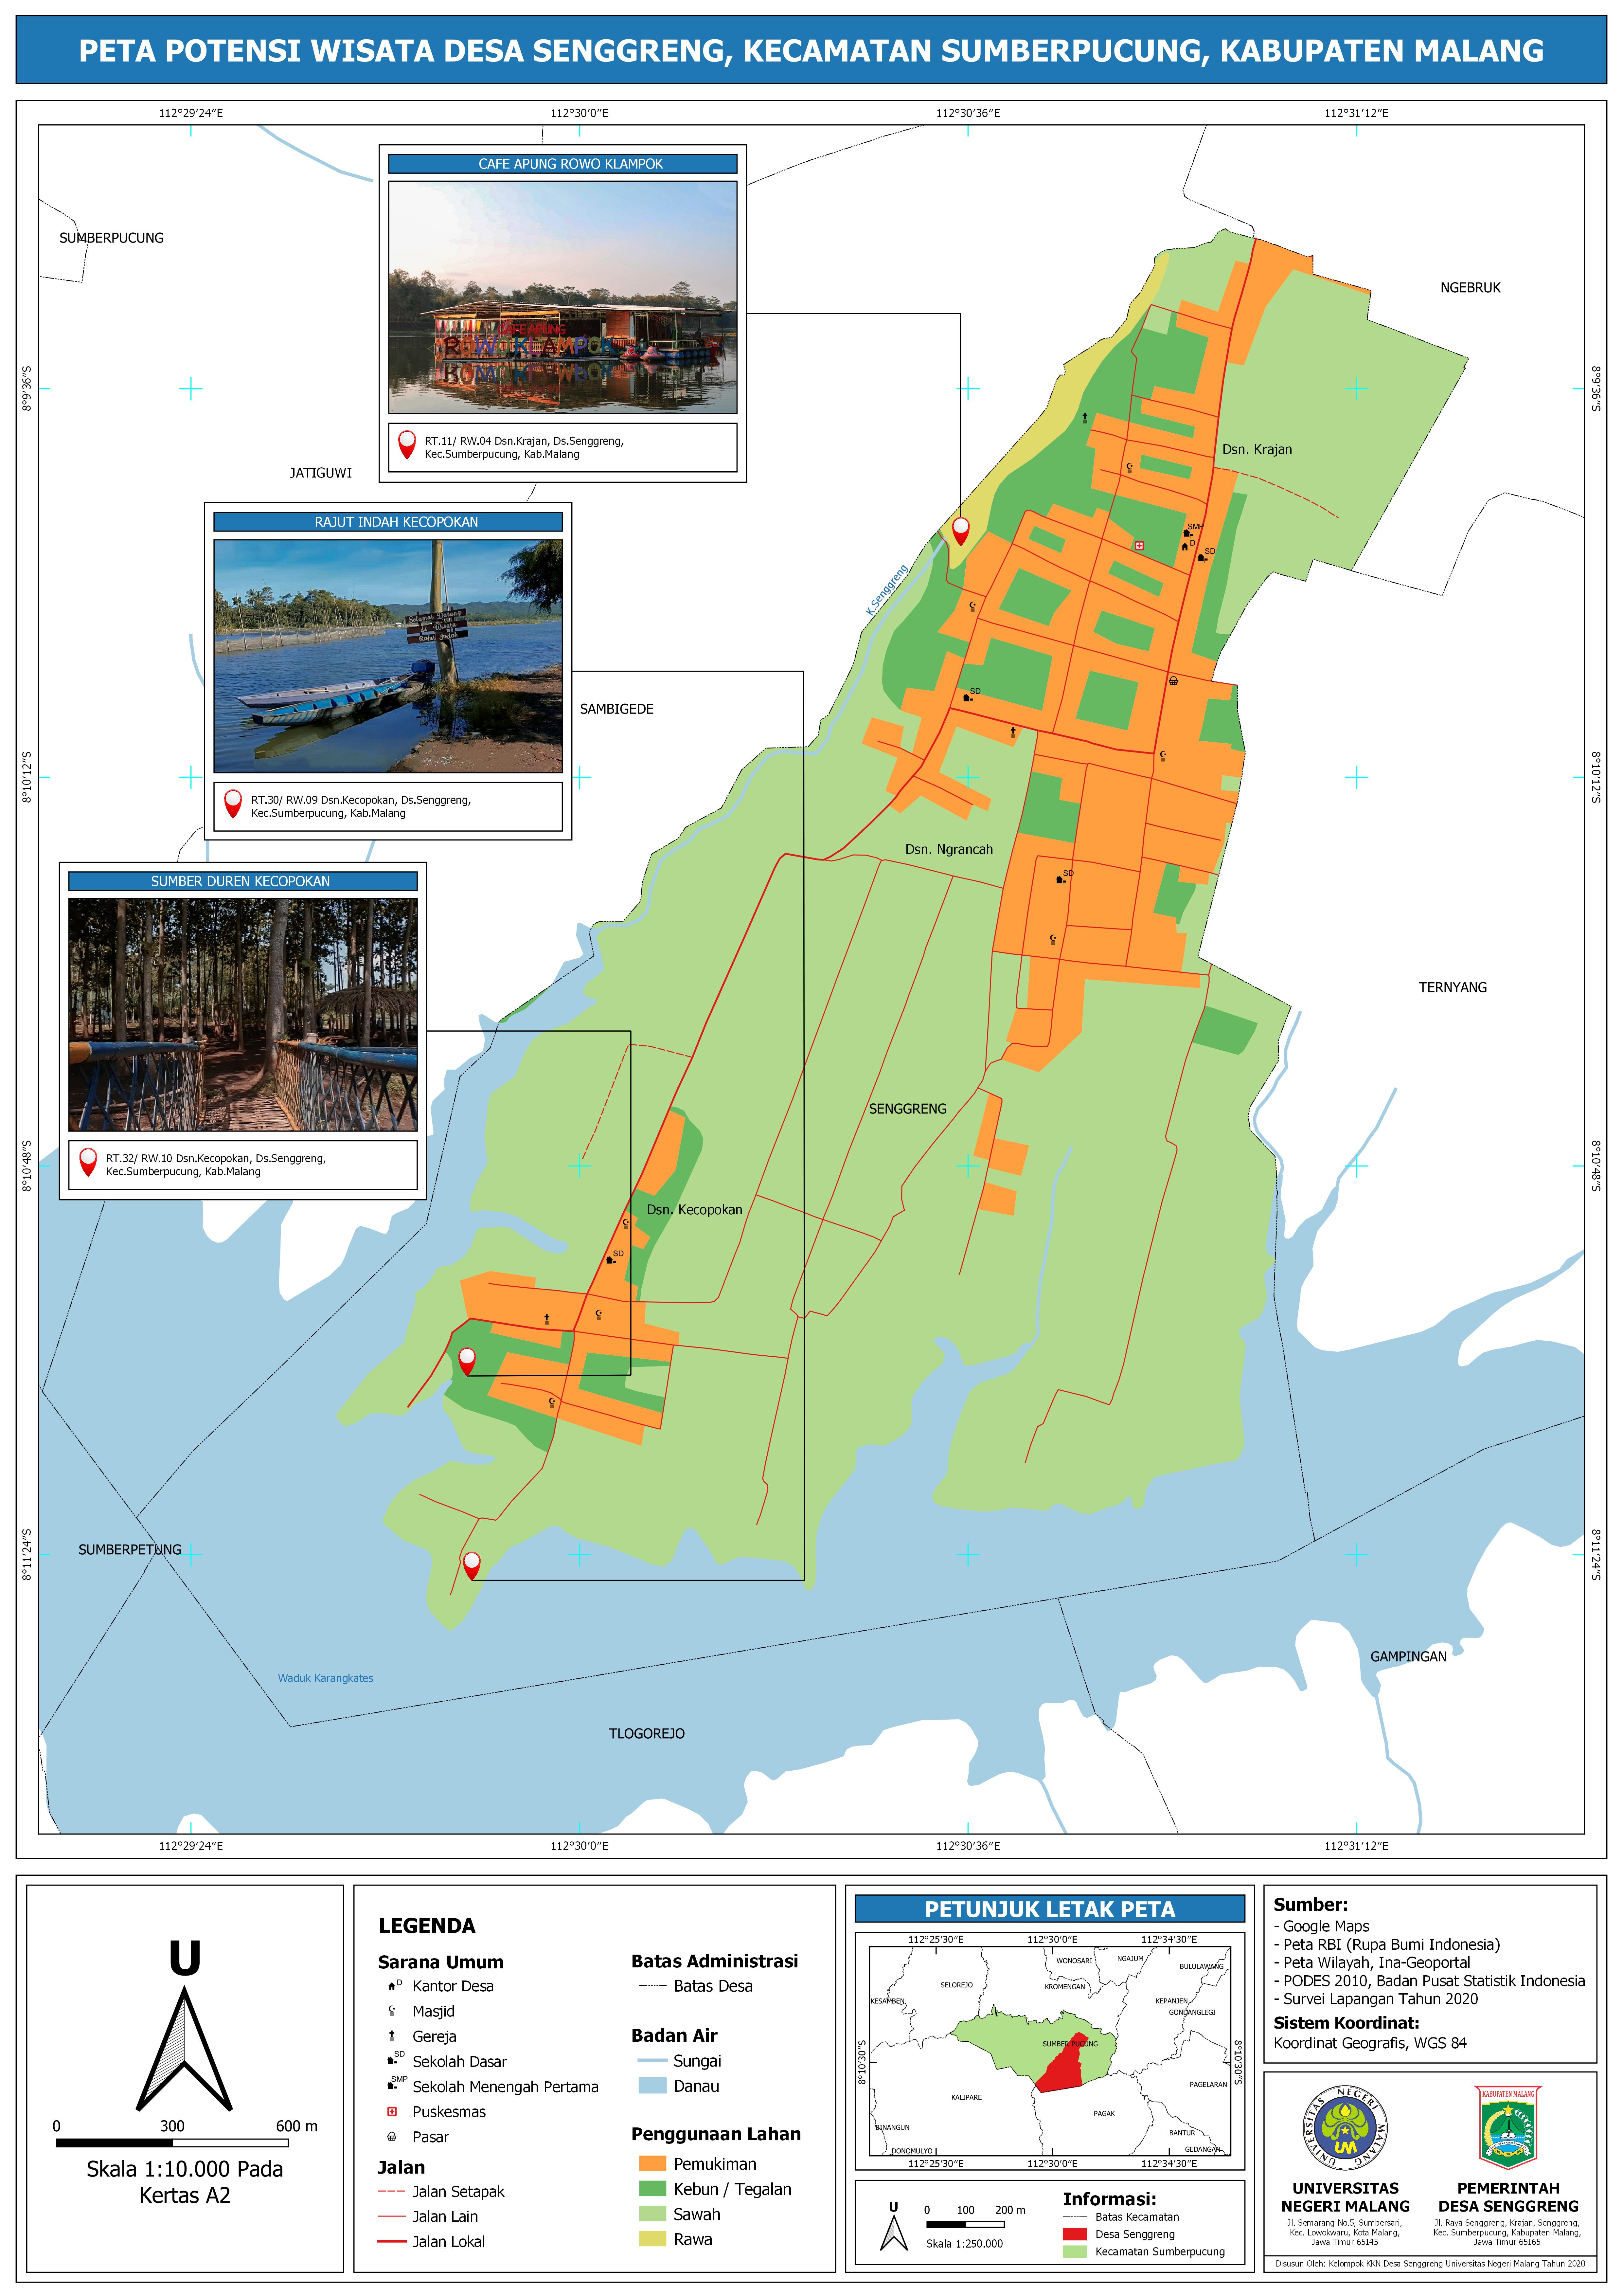 Peta potensi wisata Desa Senggreng yang telah dibuat oleh mahasiswa KKN UM 2020